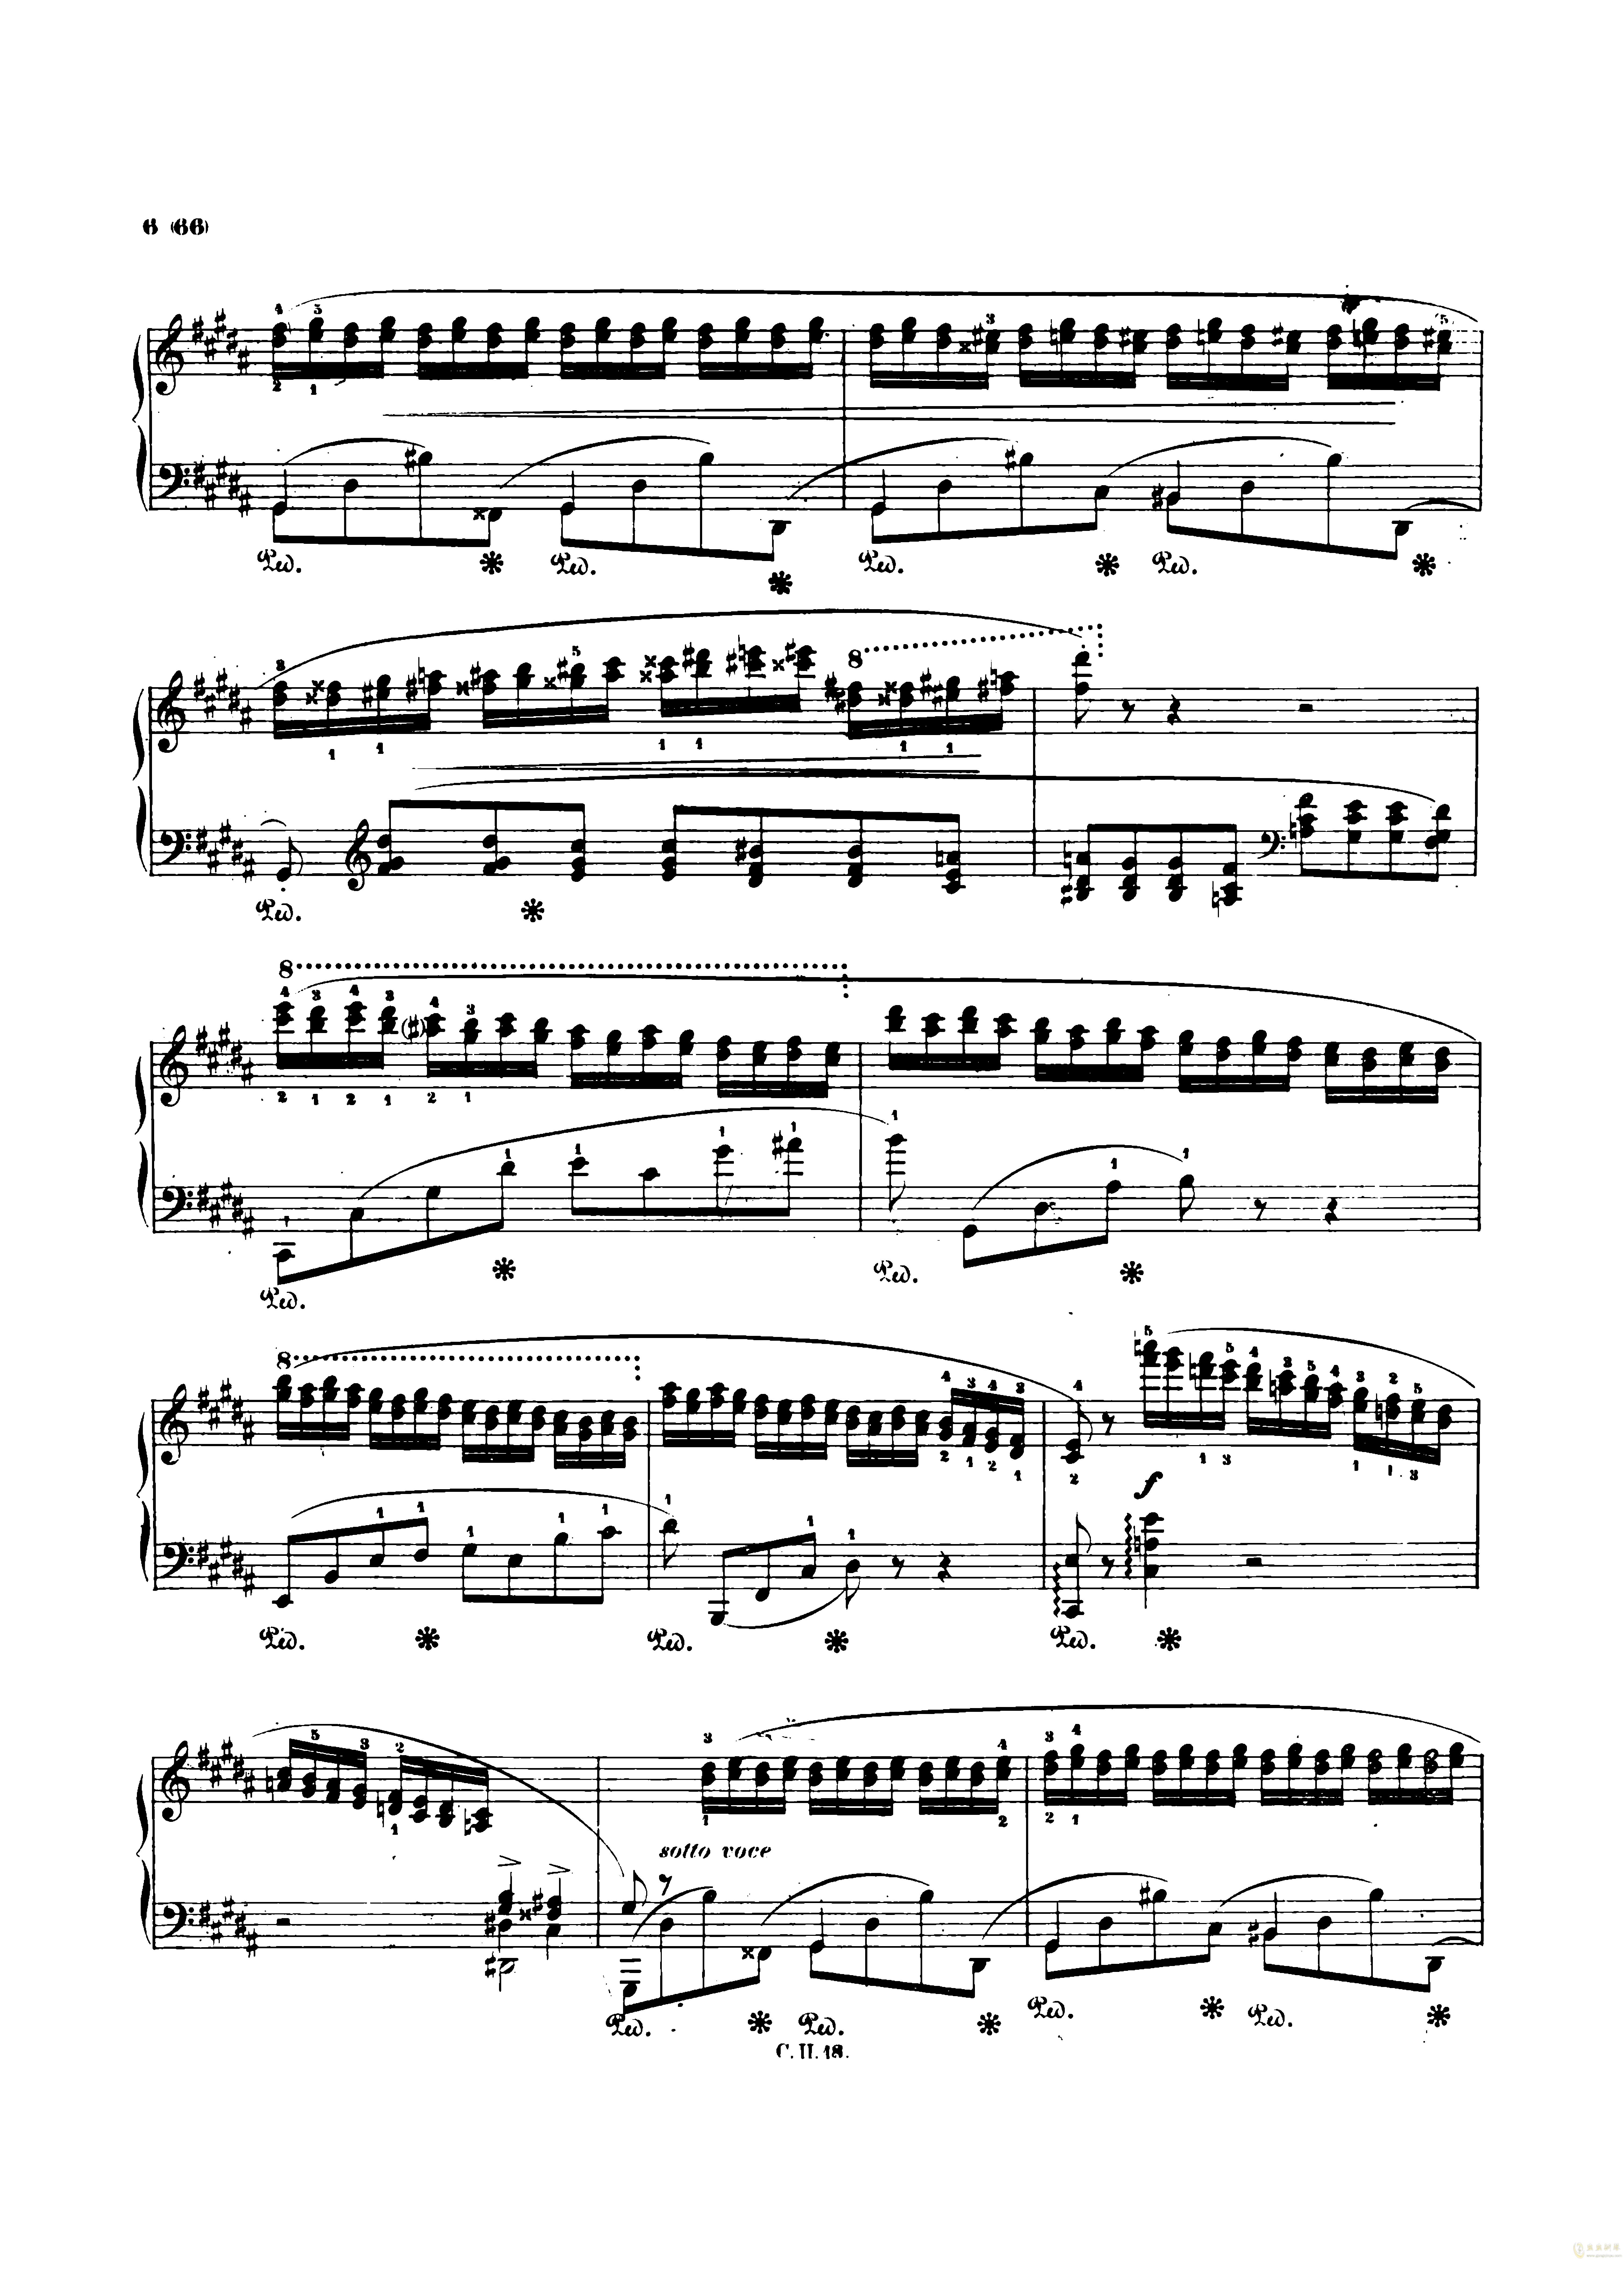 肖邦bE曲谱_离别曲肖邦钢琴曲谱